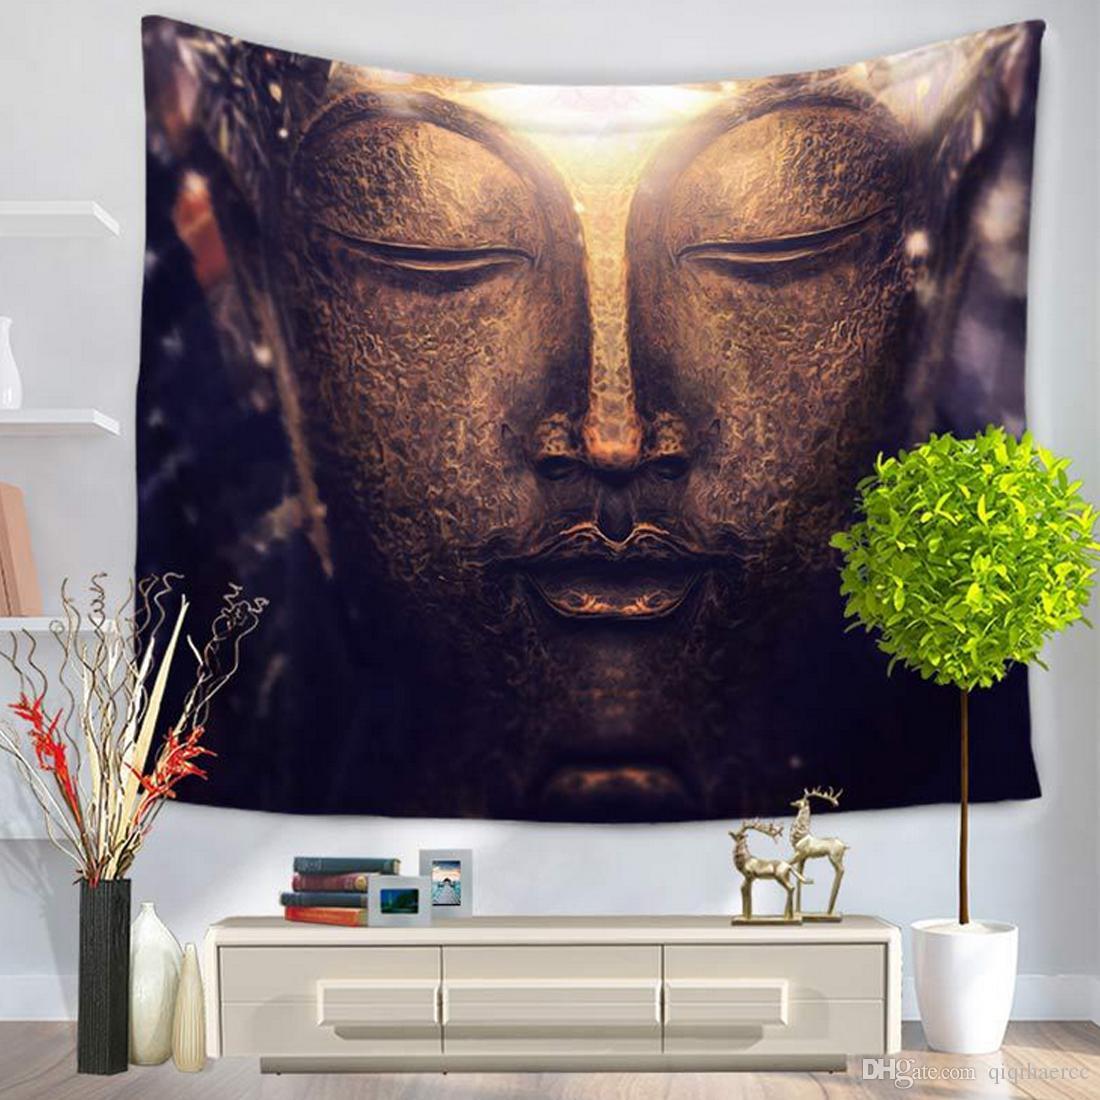 Figura Di Buddha stampato Arazzo Chic Boemia Mandala Floral Carpet Wall Hanging Tapestry per la decorazione della parete di modo Blanket